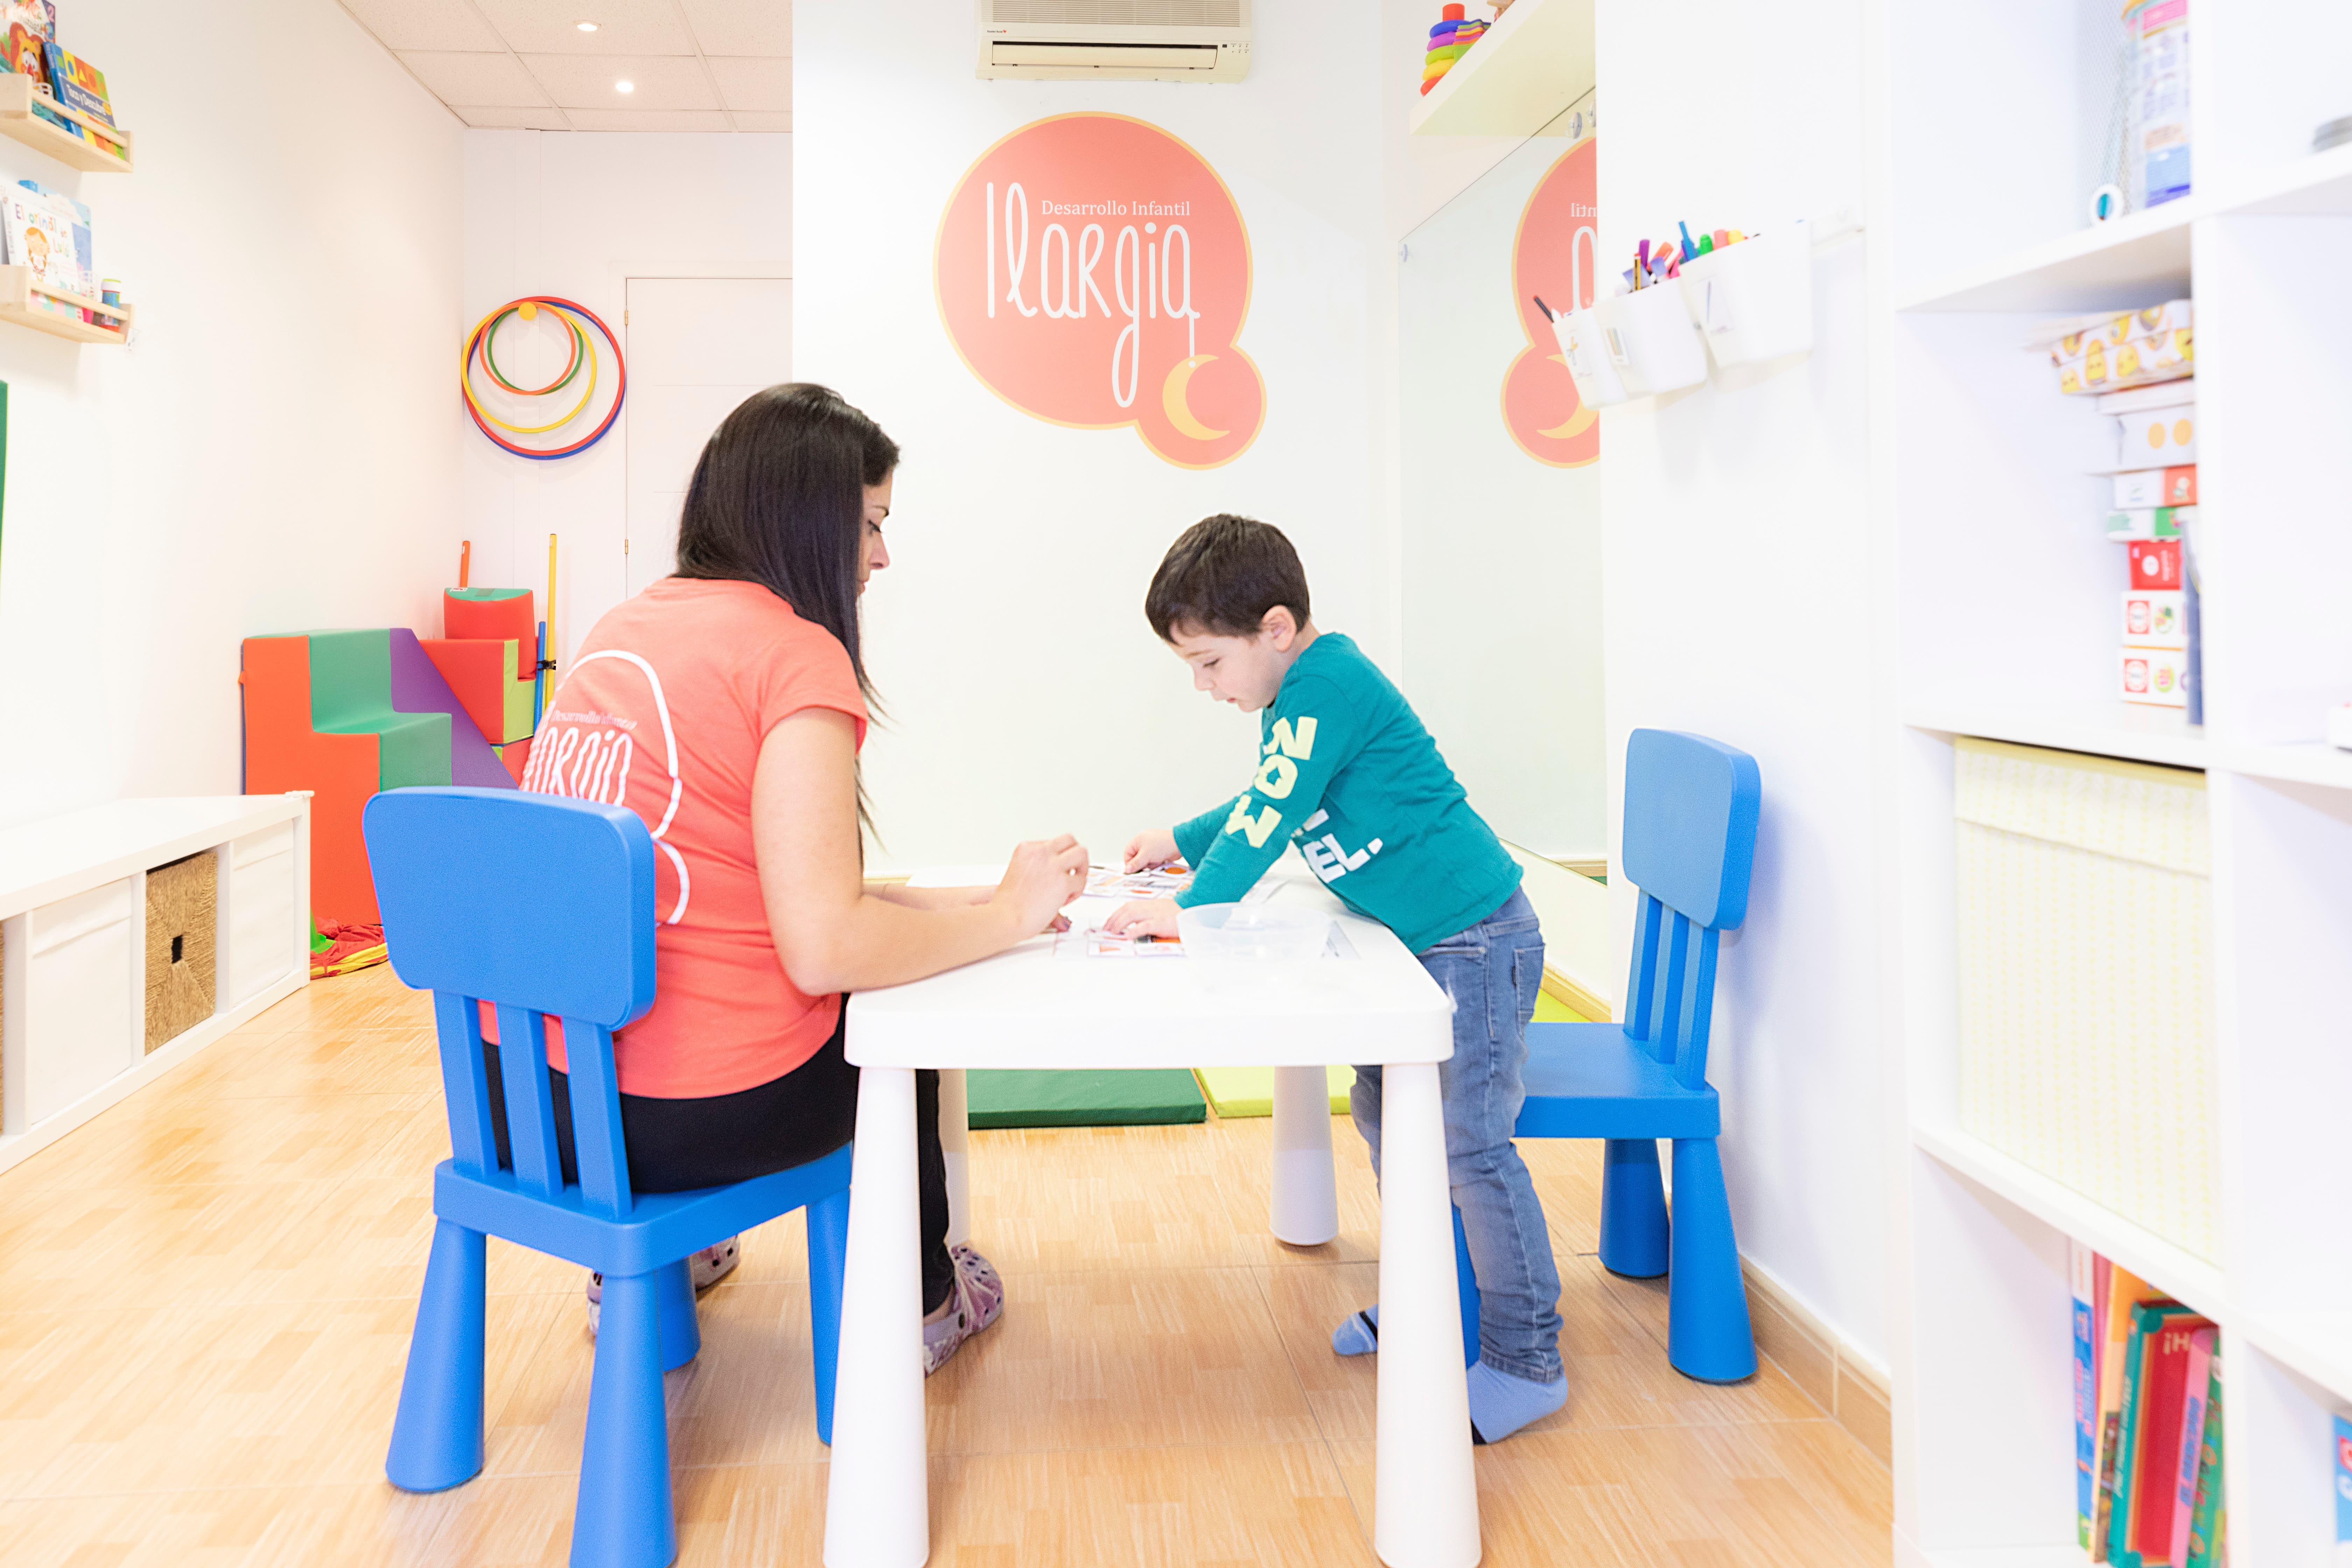 Evaluación del desarrollo infantil y diagnóstico de necesidades